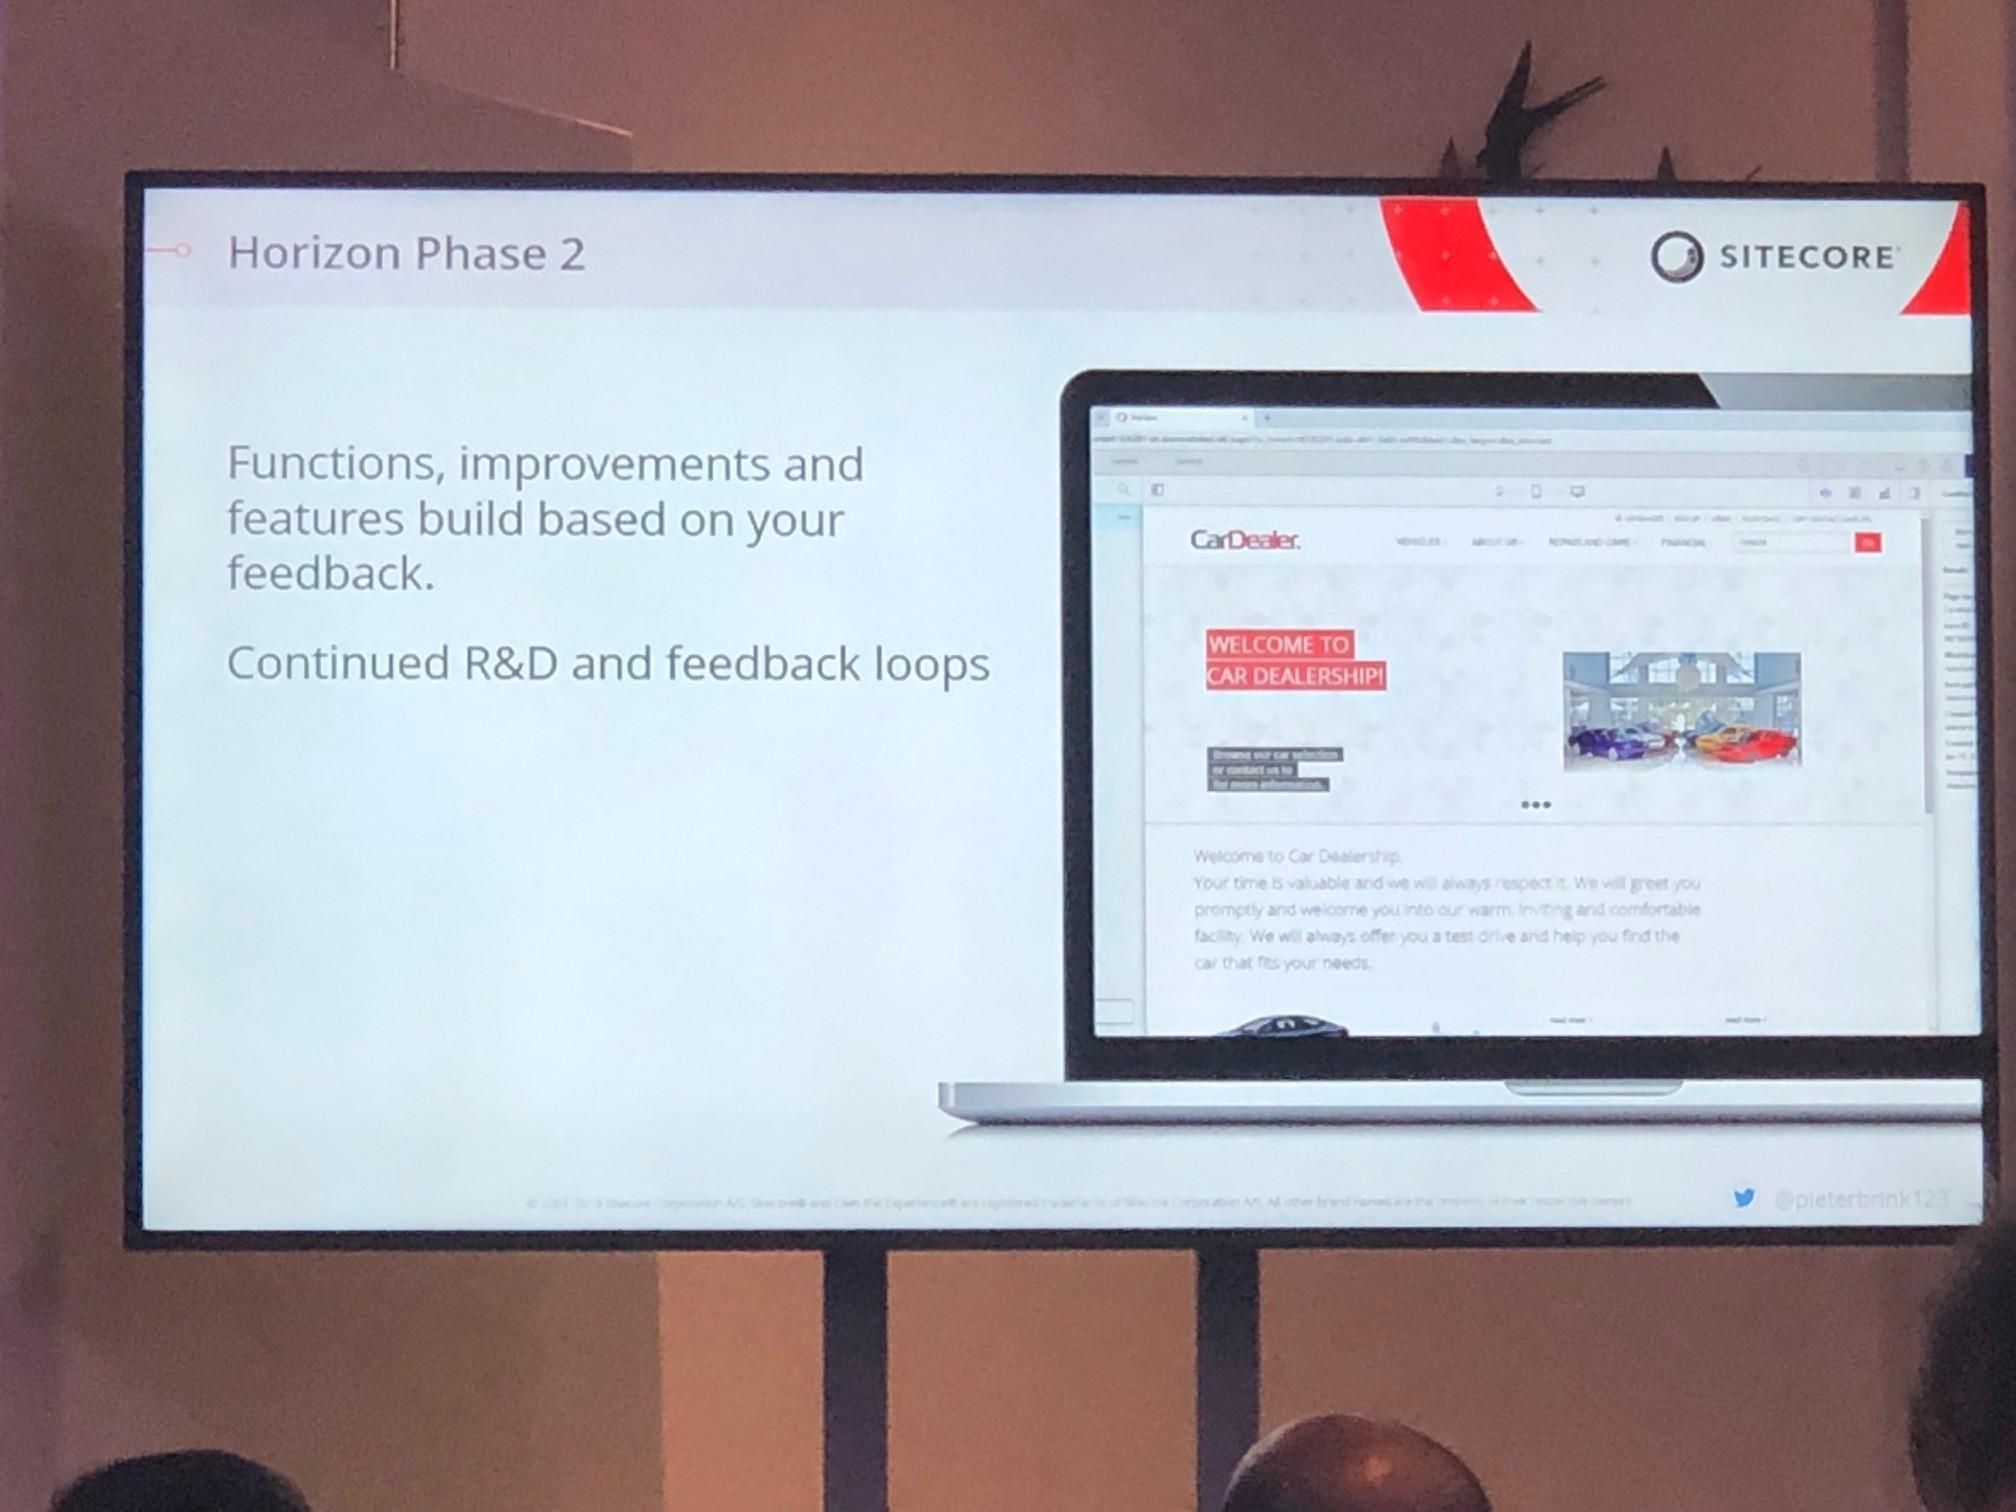 Für Horizon - die neue Experience Editor UI - wurde Phase 2 eingeleitet, nachdem MVPs und Partner die Möglichkeit hatten die aktuelle Version zu testen und ihr Feedback zu geben.